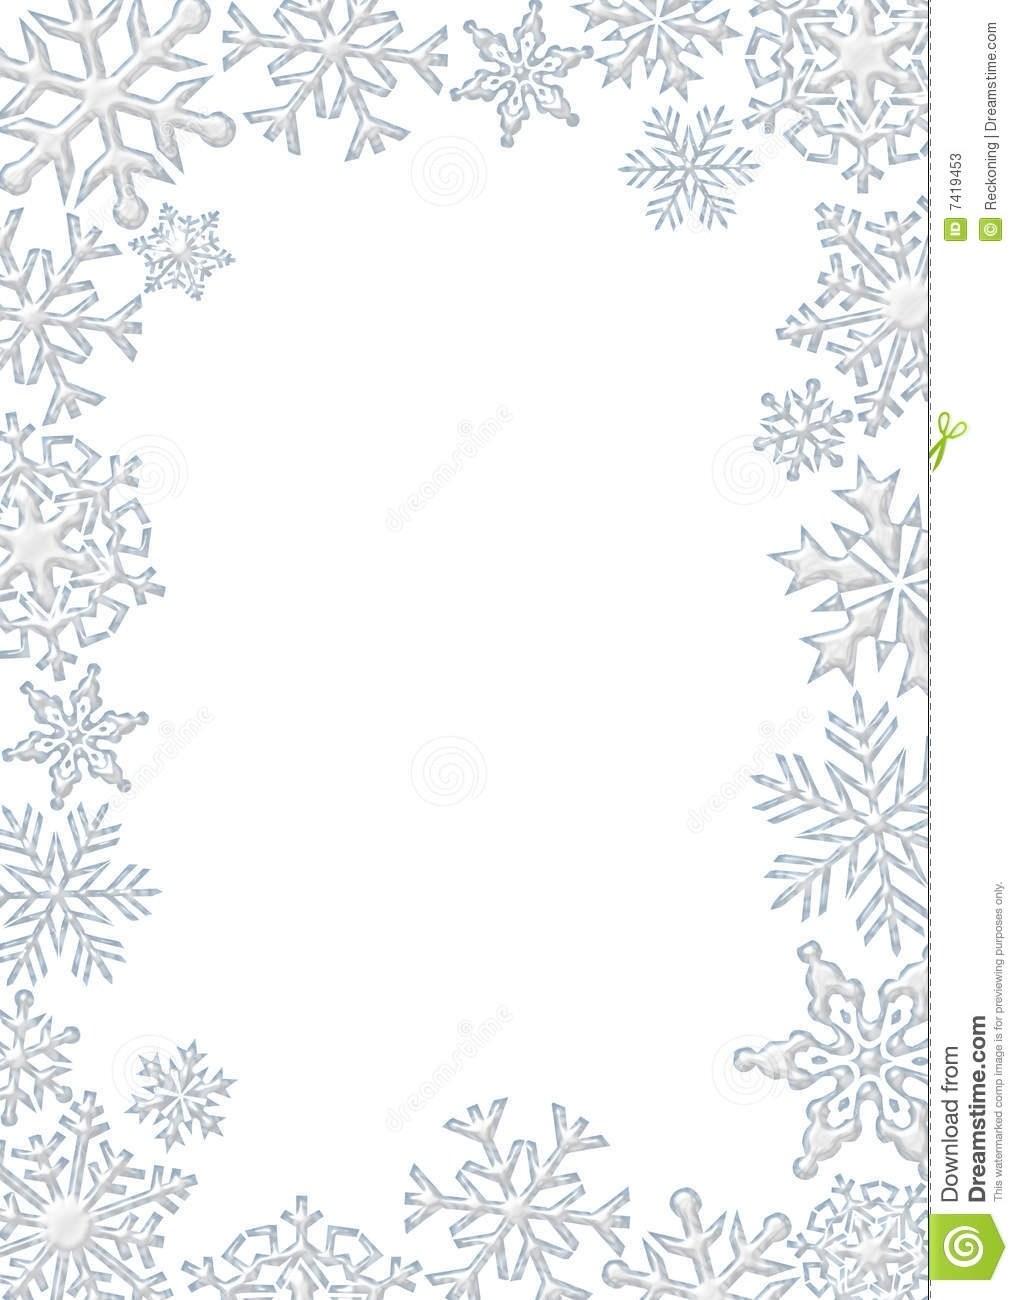 Snowflake Borders Clipart throughout White Snowflake.